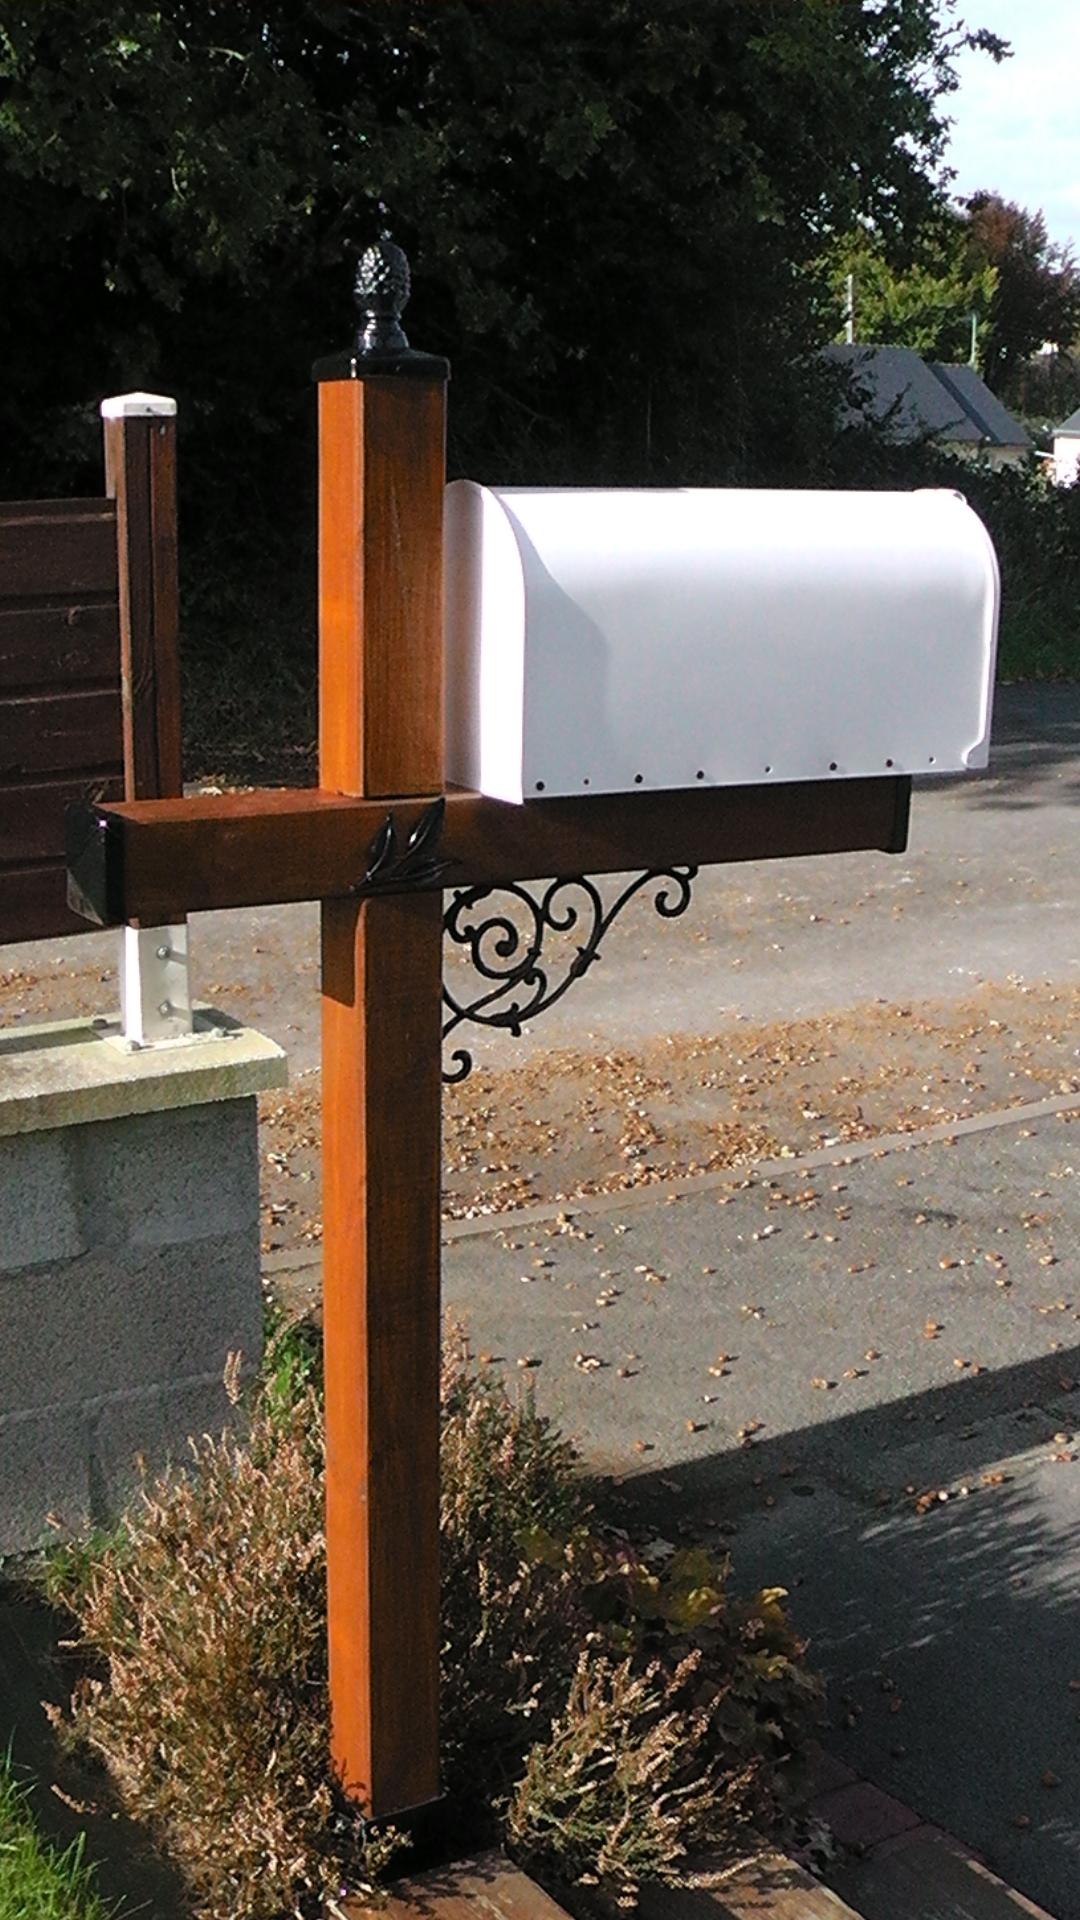 Décoration par notre client d'une boite aux lettres à partir de notre gamme de pièces détachées.